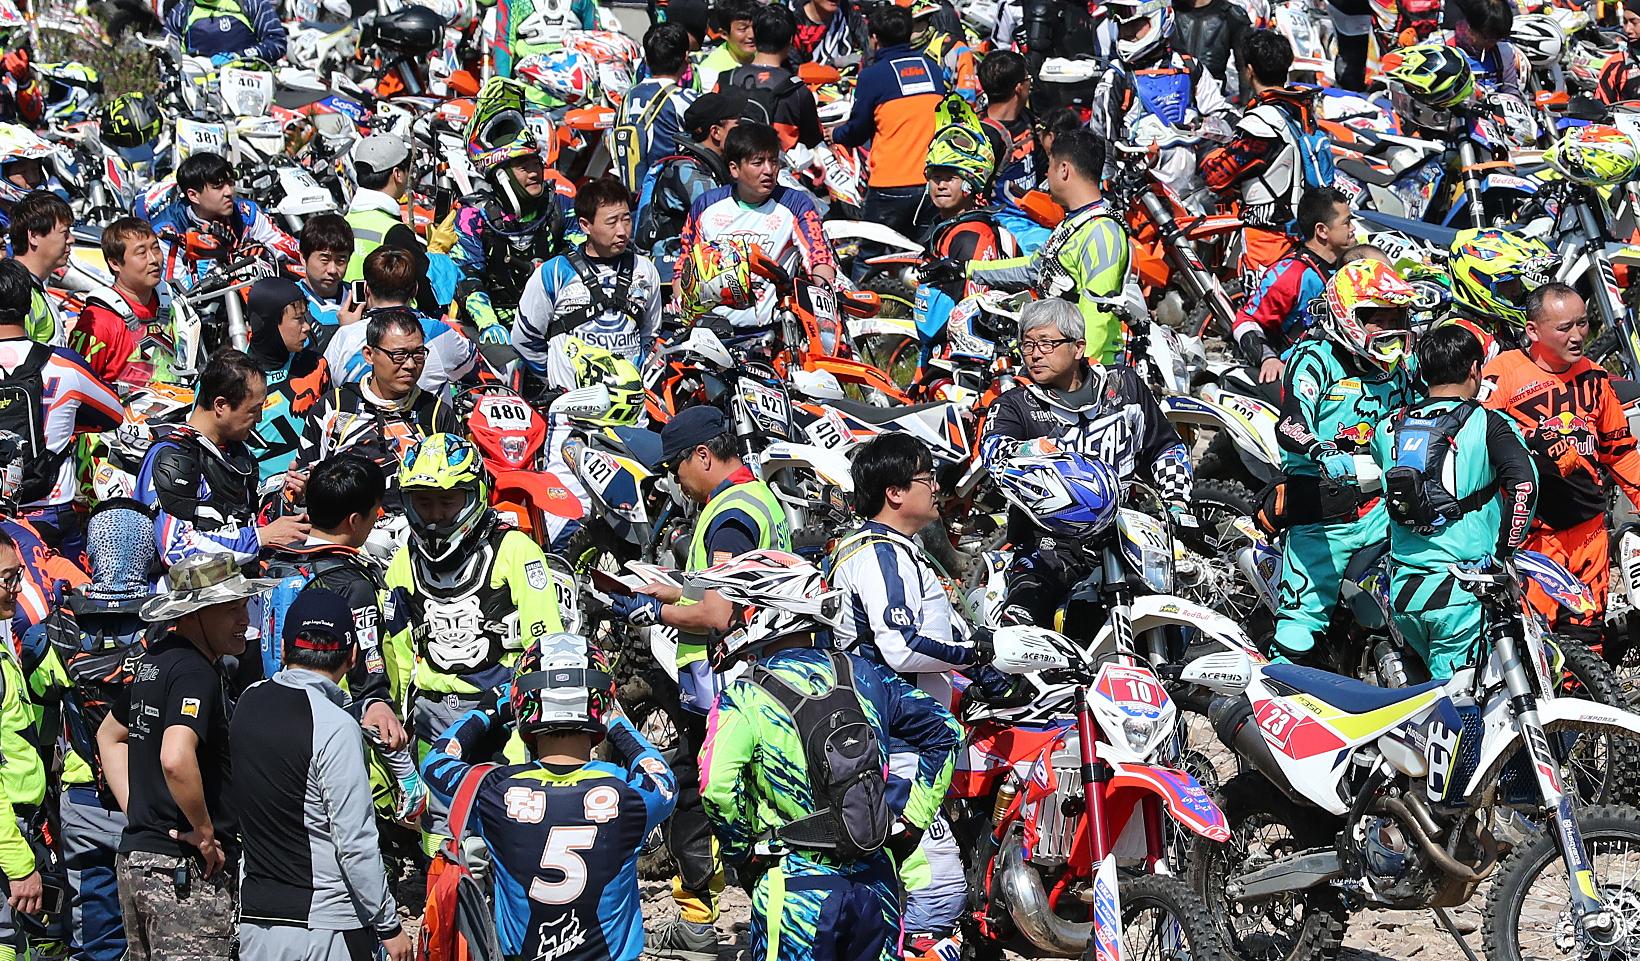 국내 최대 규모로 열린 이번 대회에 320여 명의 선수가전국에서 모여들었다.